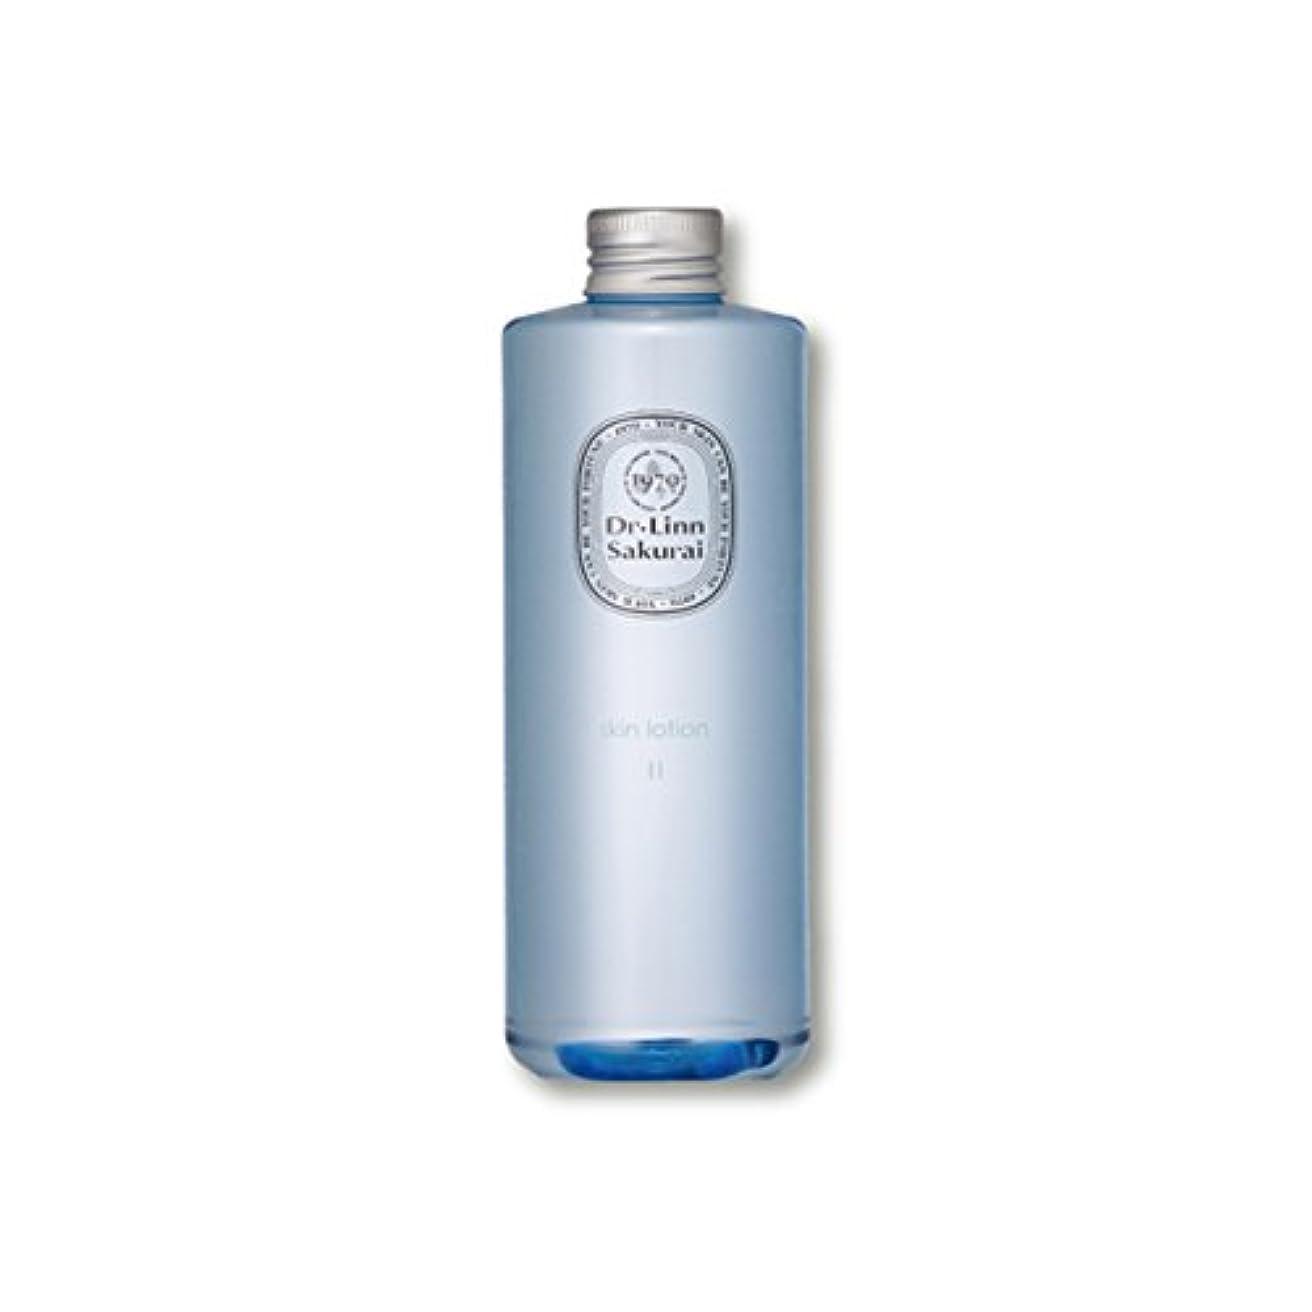 目立つ鳴り響く結び目ドクターリンサクライ スキンローションII しっとりタイプ 300ml  (化粧水)